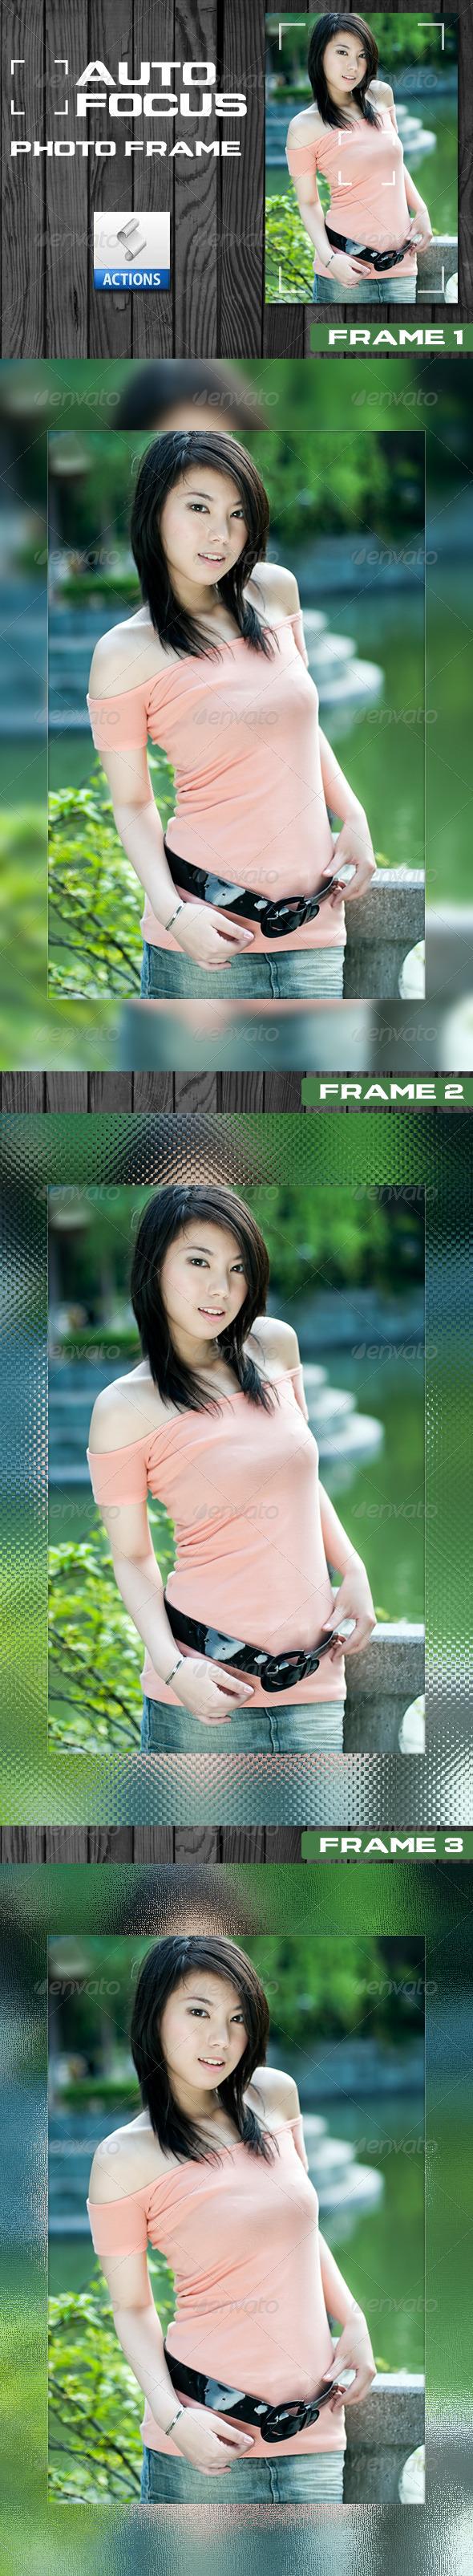 GraphicRiver Auto Focus Photo Frame Set #1 294064